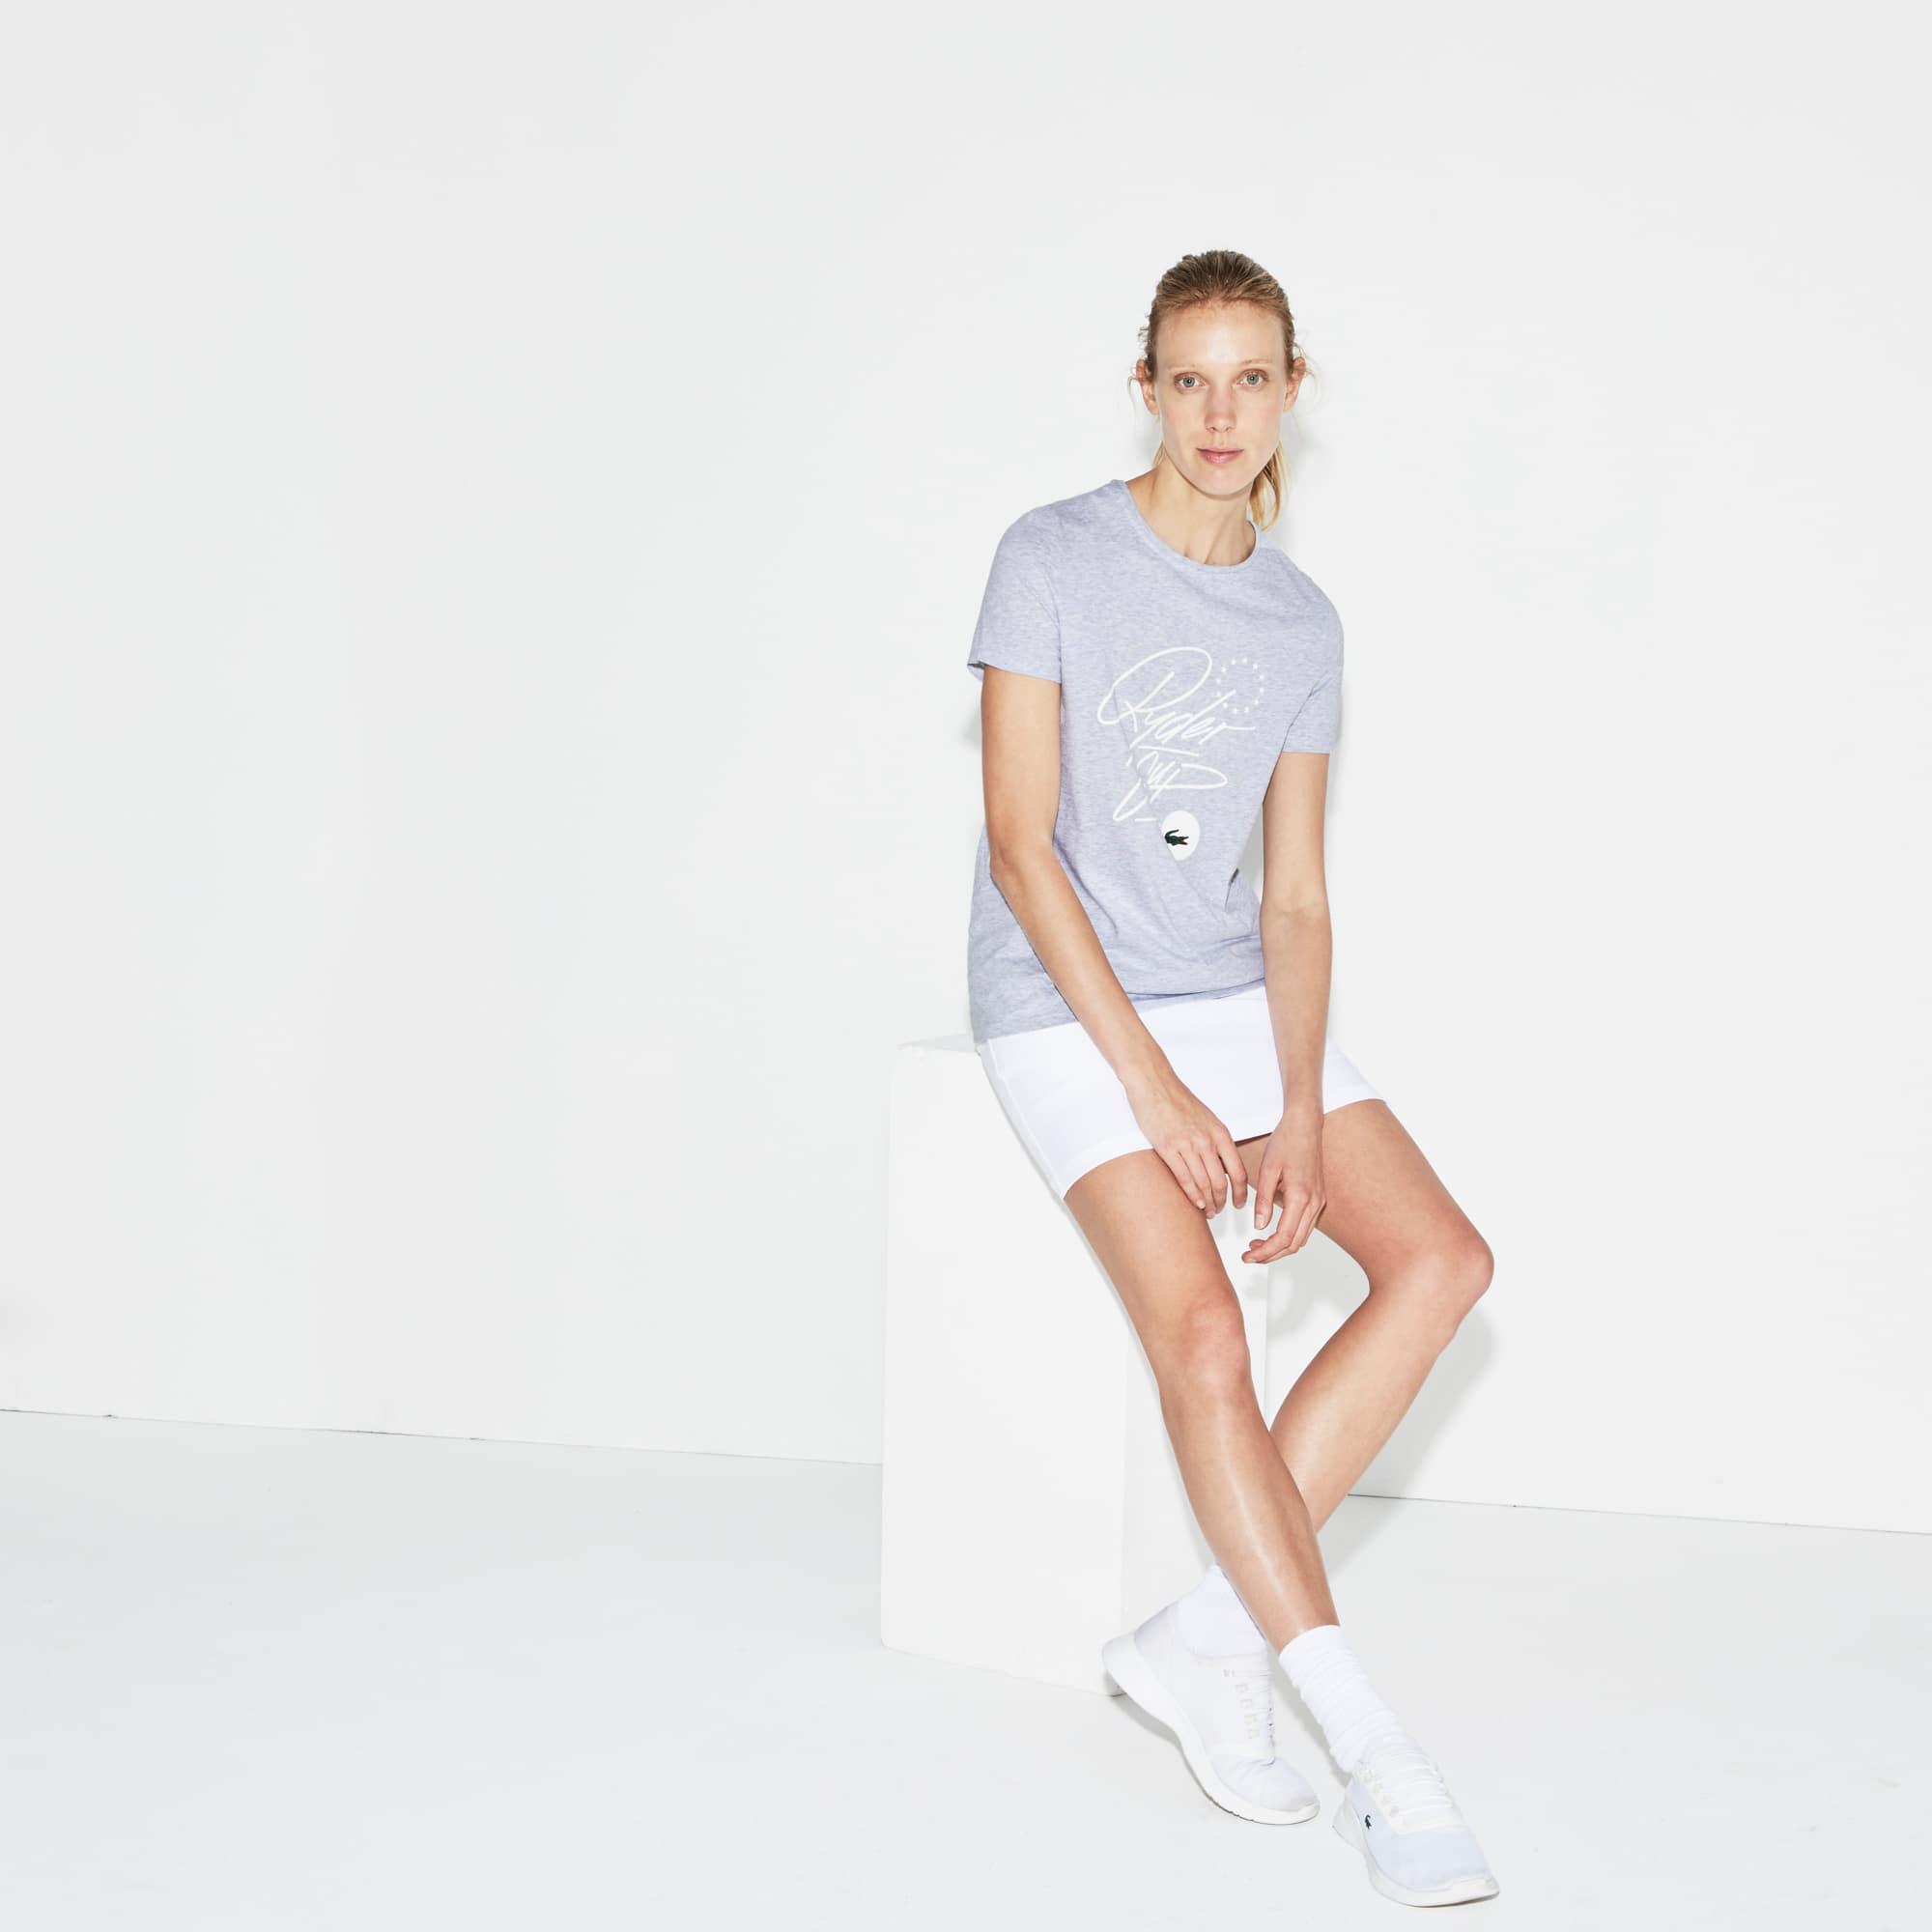 Damen LACOSTE SPORT Ryder Cup Edition Golf Jersey T-Shirt